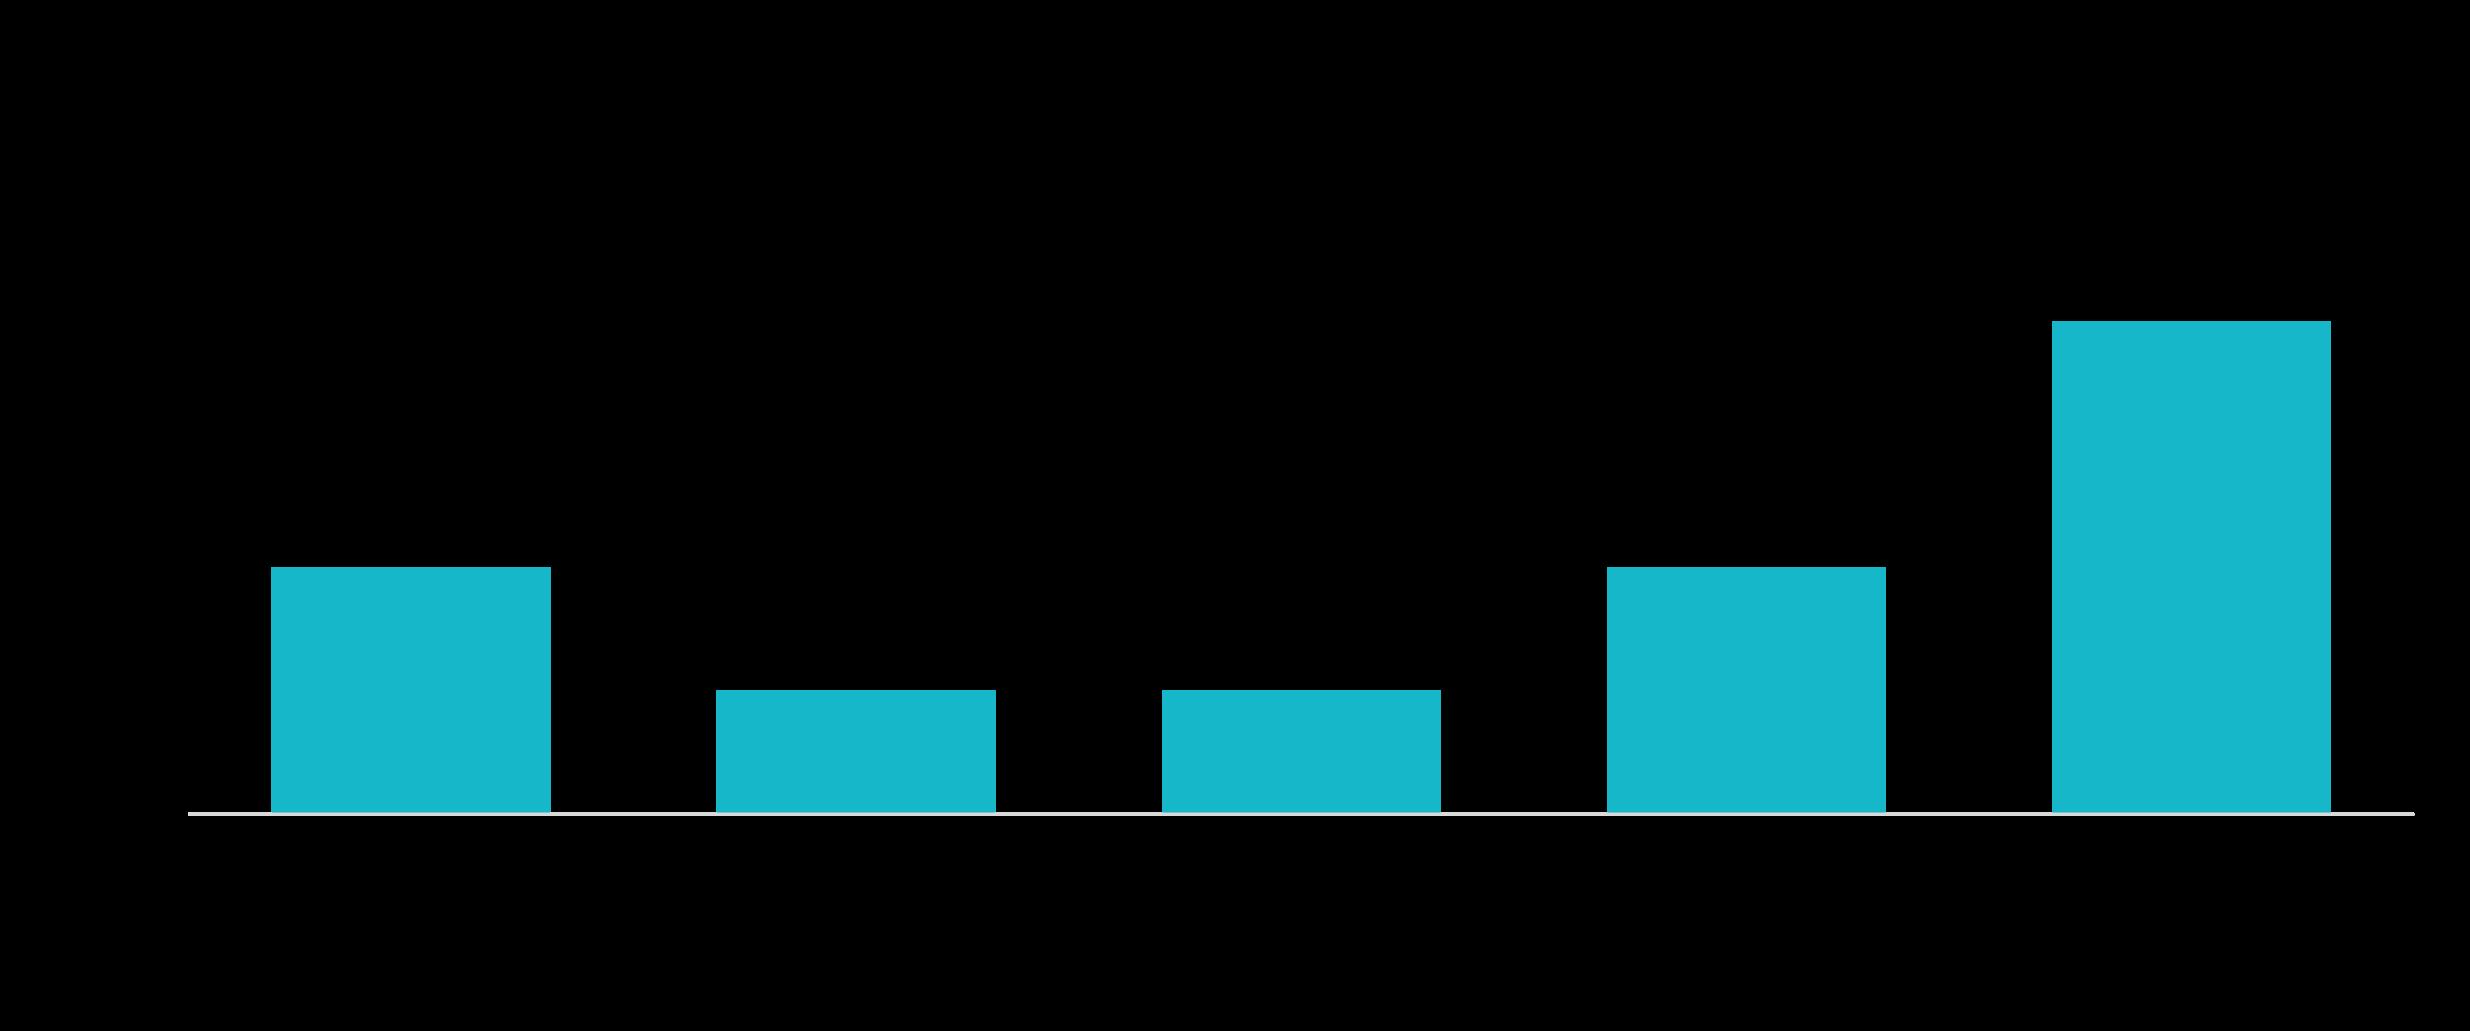 Datenauswertung für Persona-Erstellung